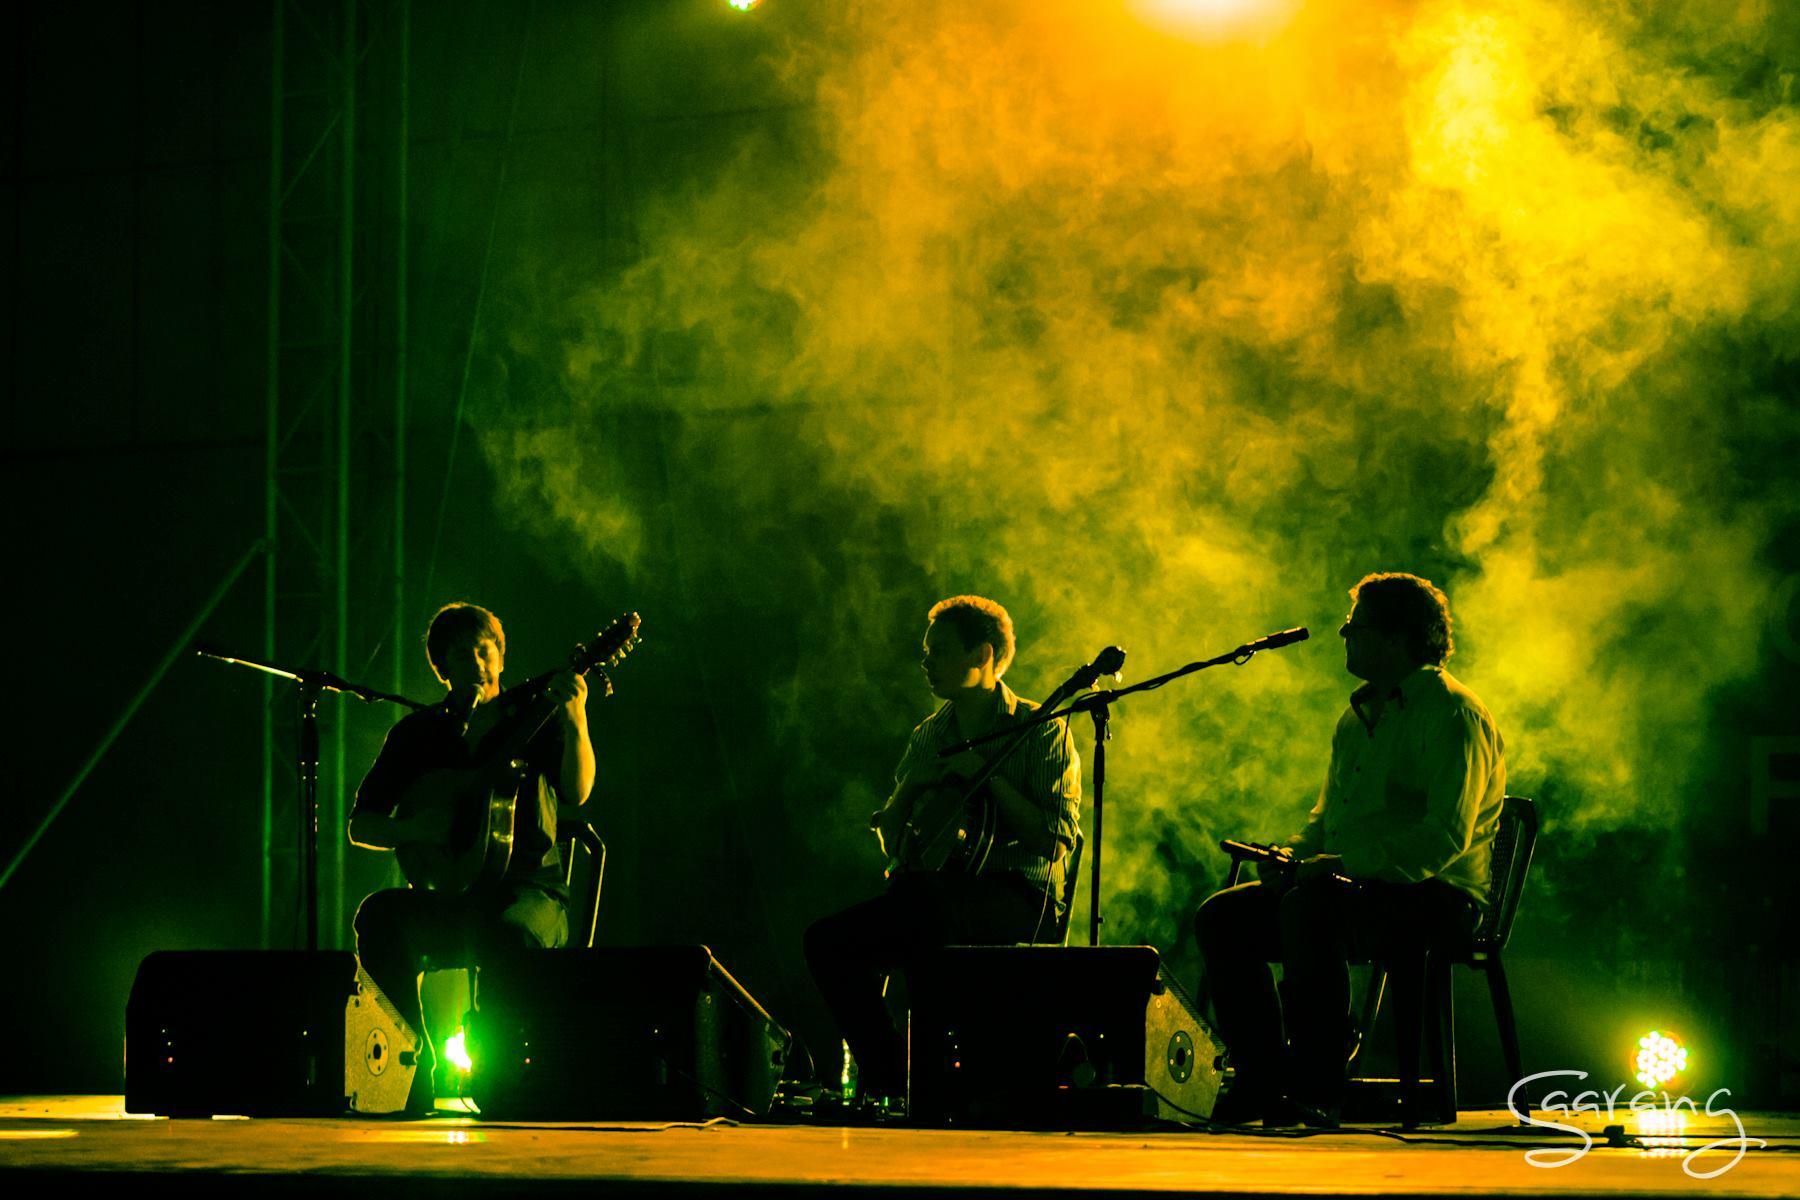 Daoiri Farrell, James Harvey and Robert Harvey at Saarang Festival, Chennai, India